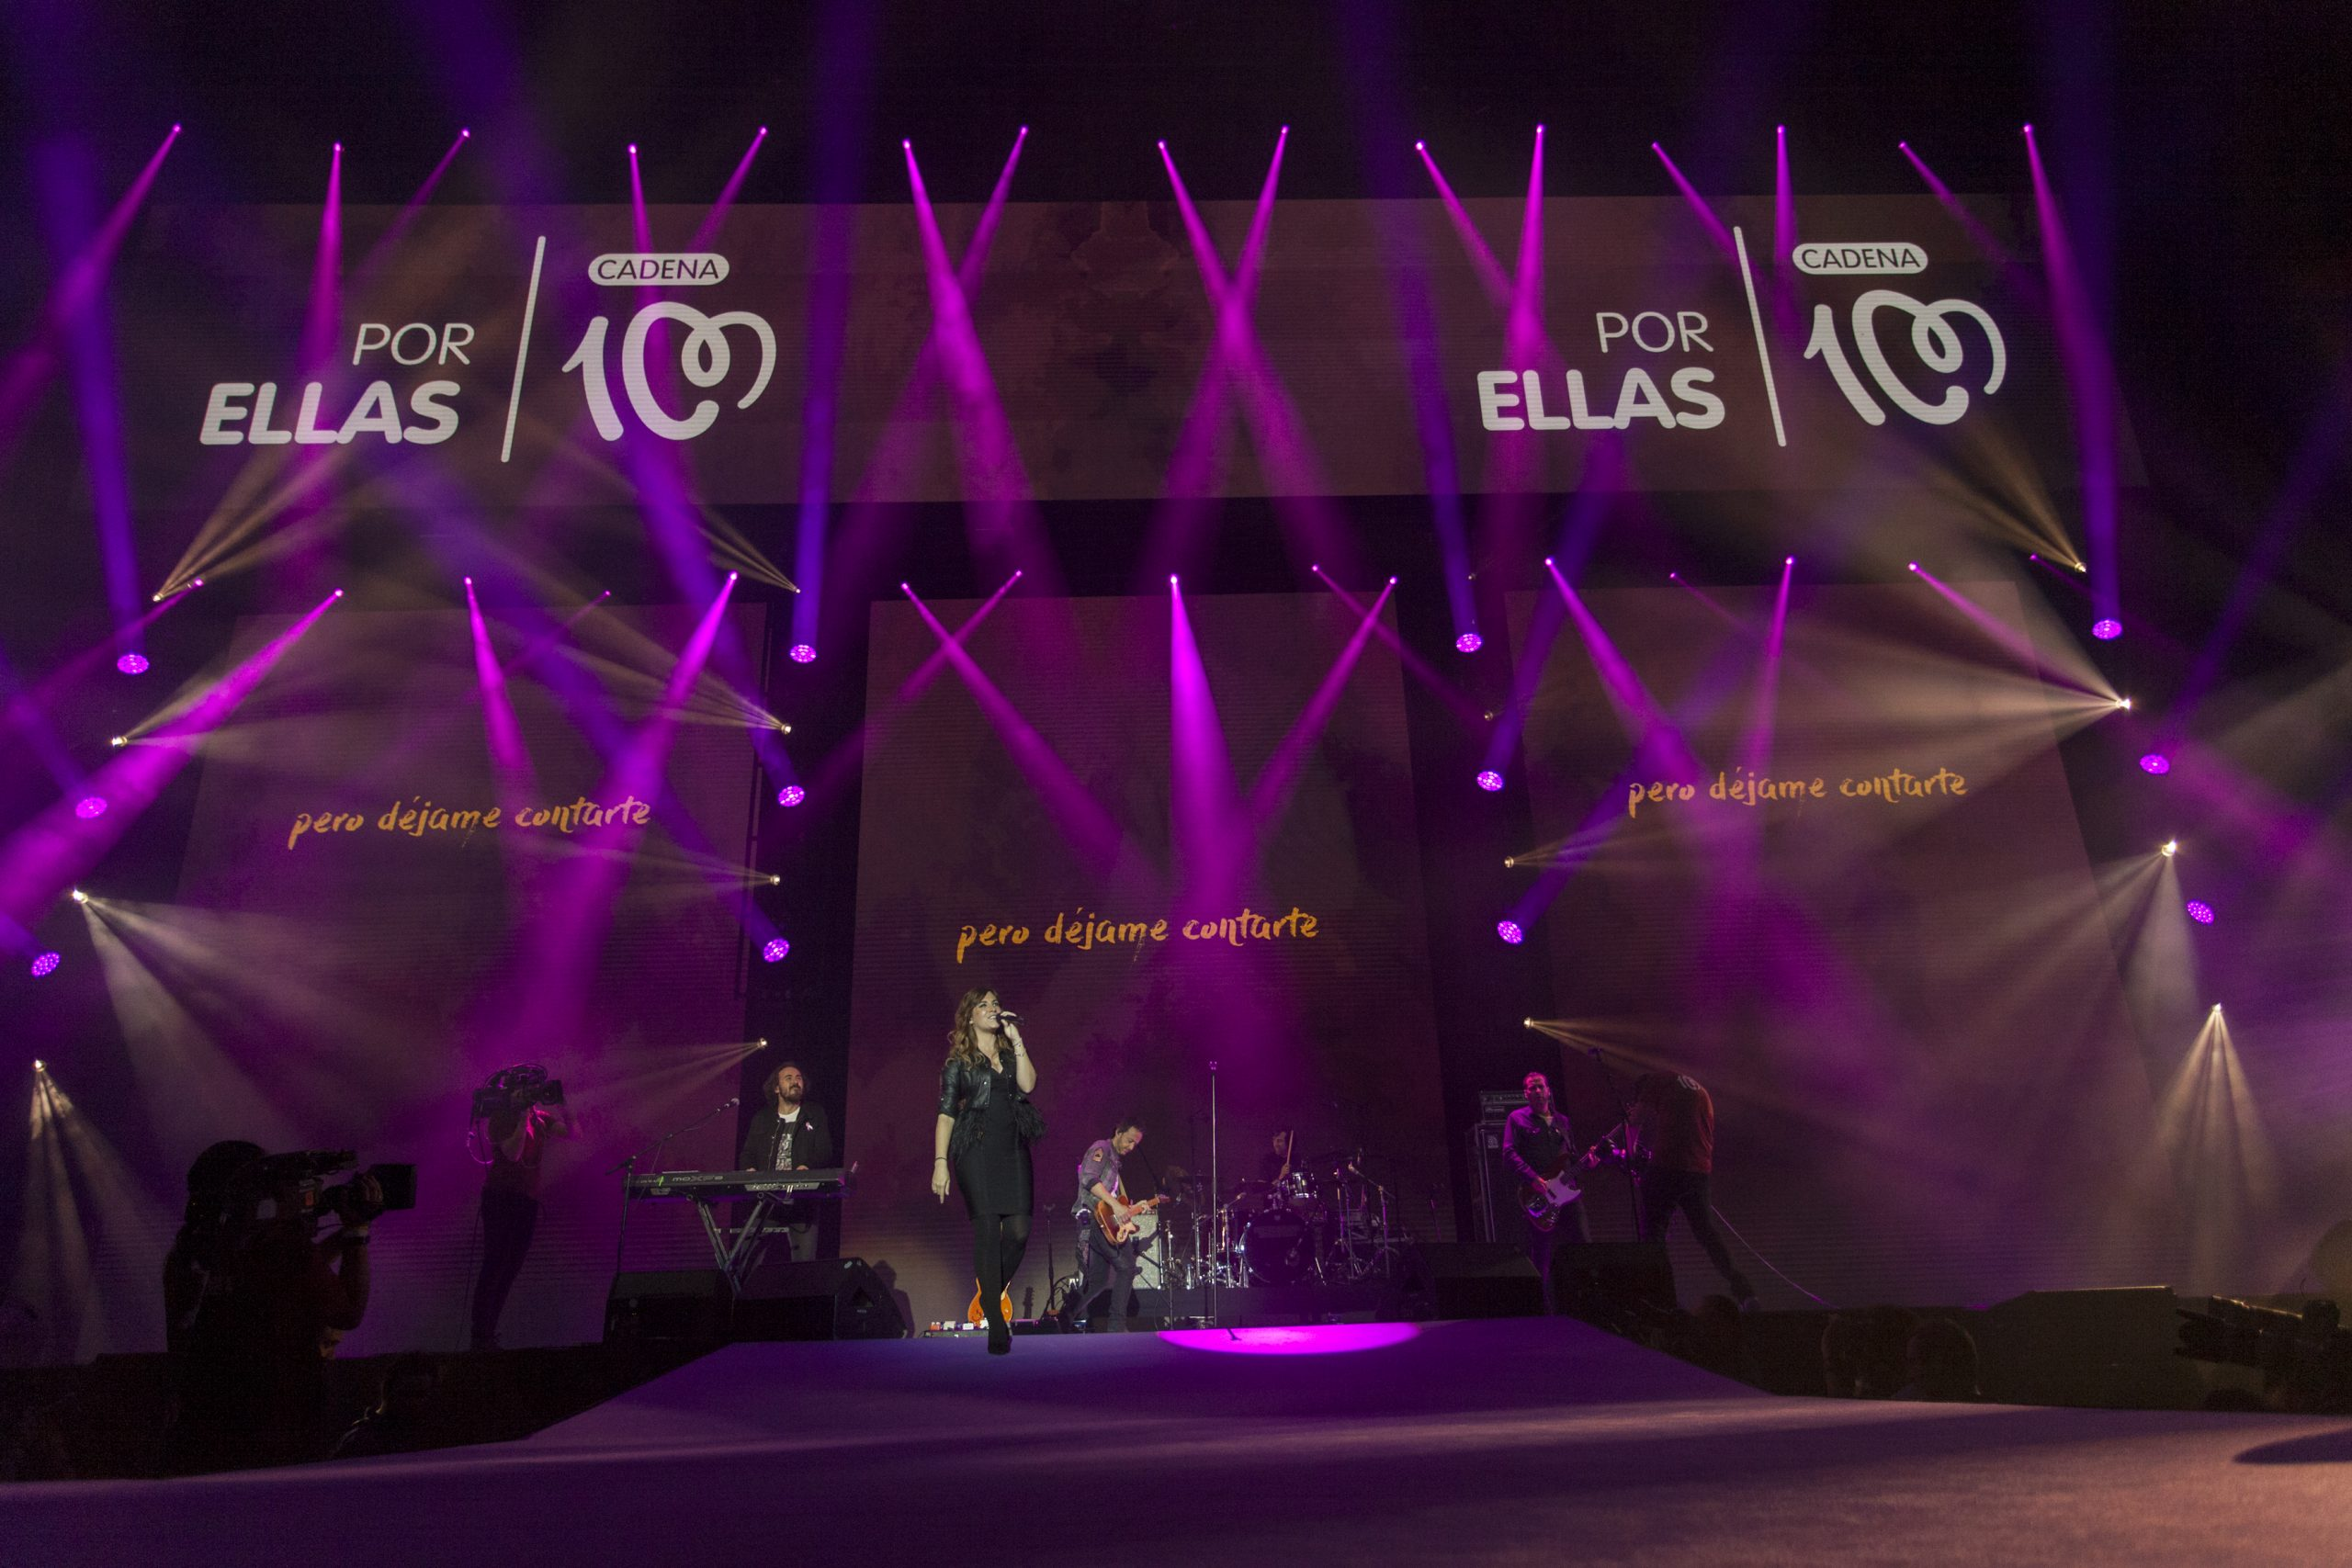 ARTÍCULO | Cadena 100 dedica una noche Por Ellas